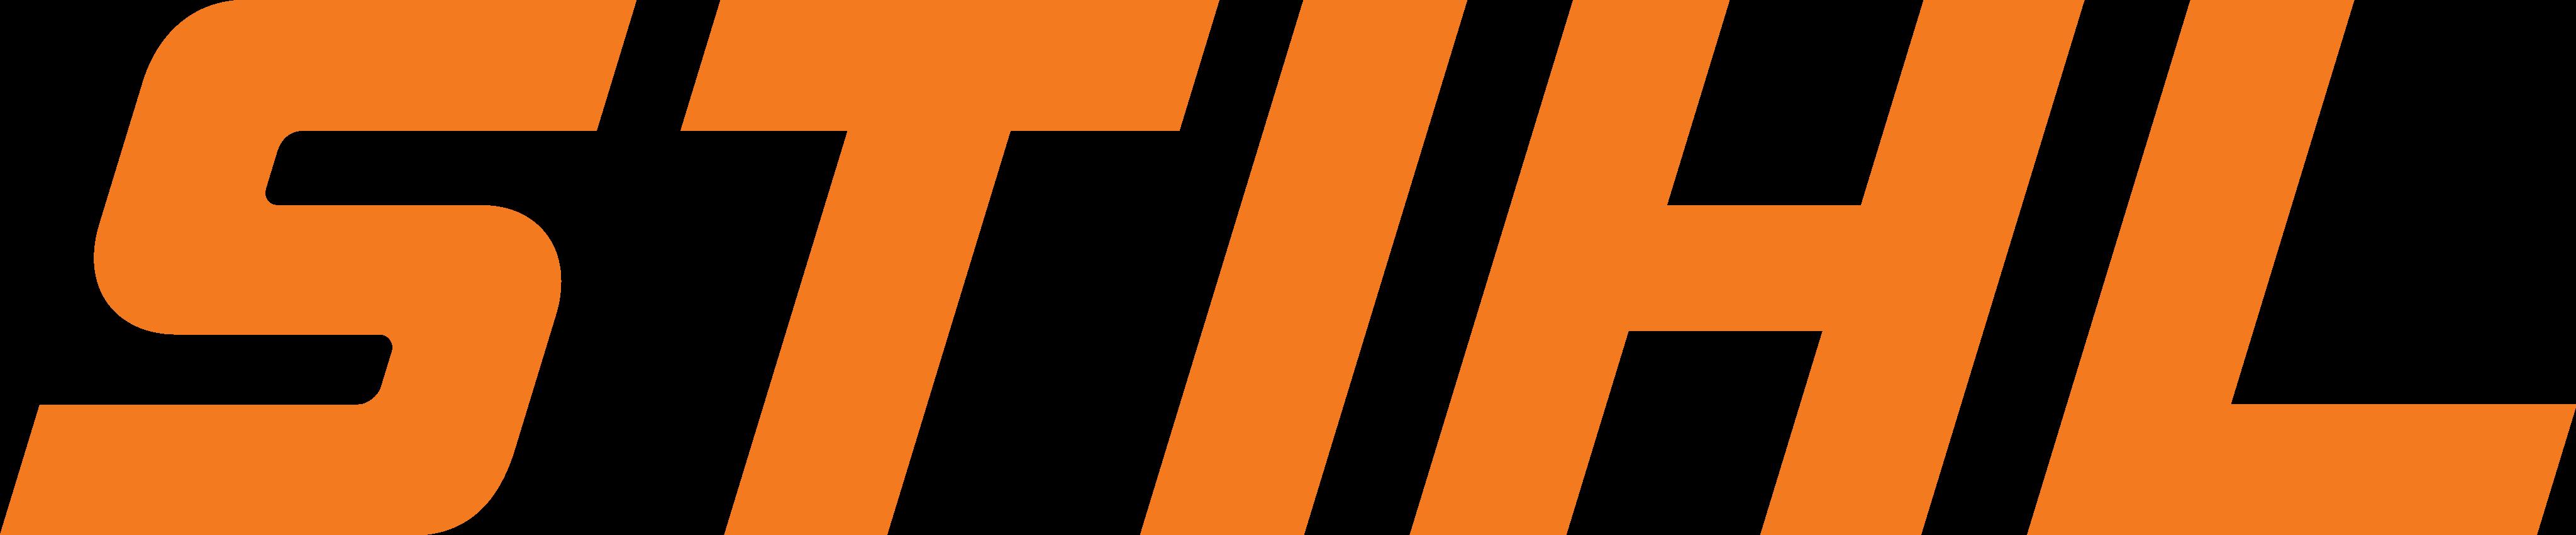 stihl logo 1 1 - Stihl Logo